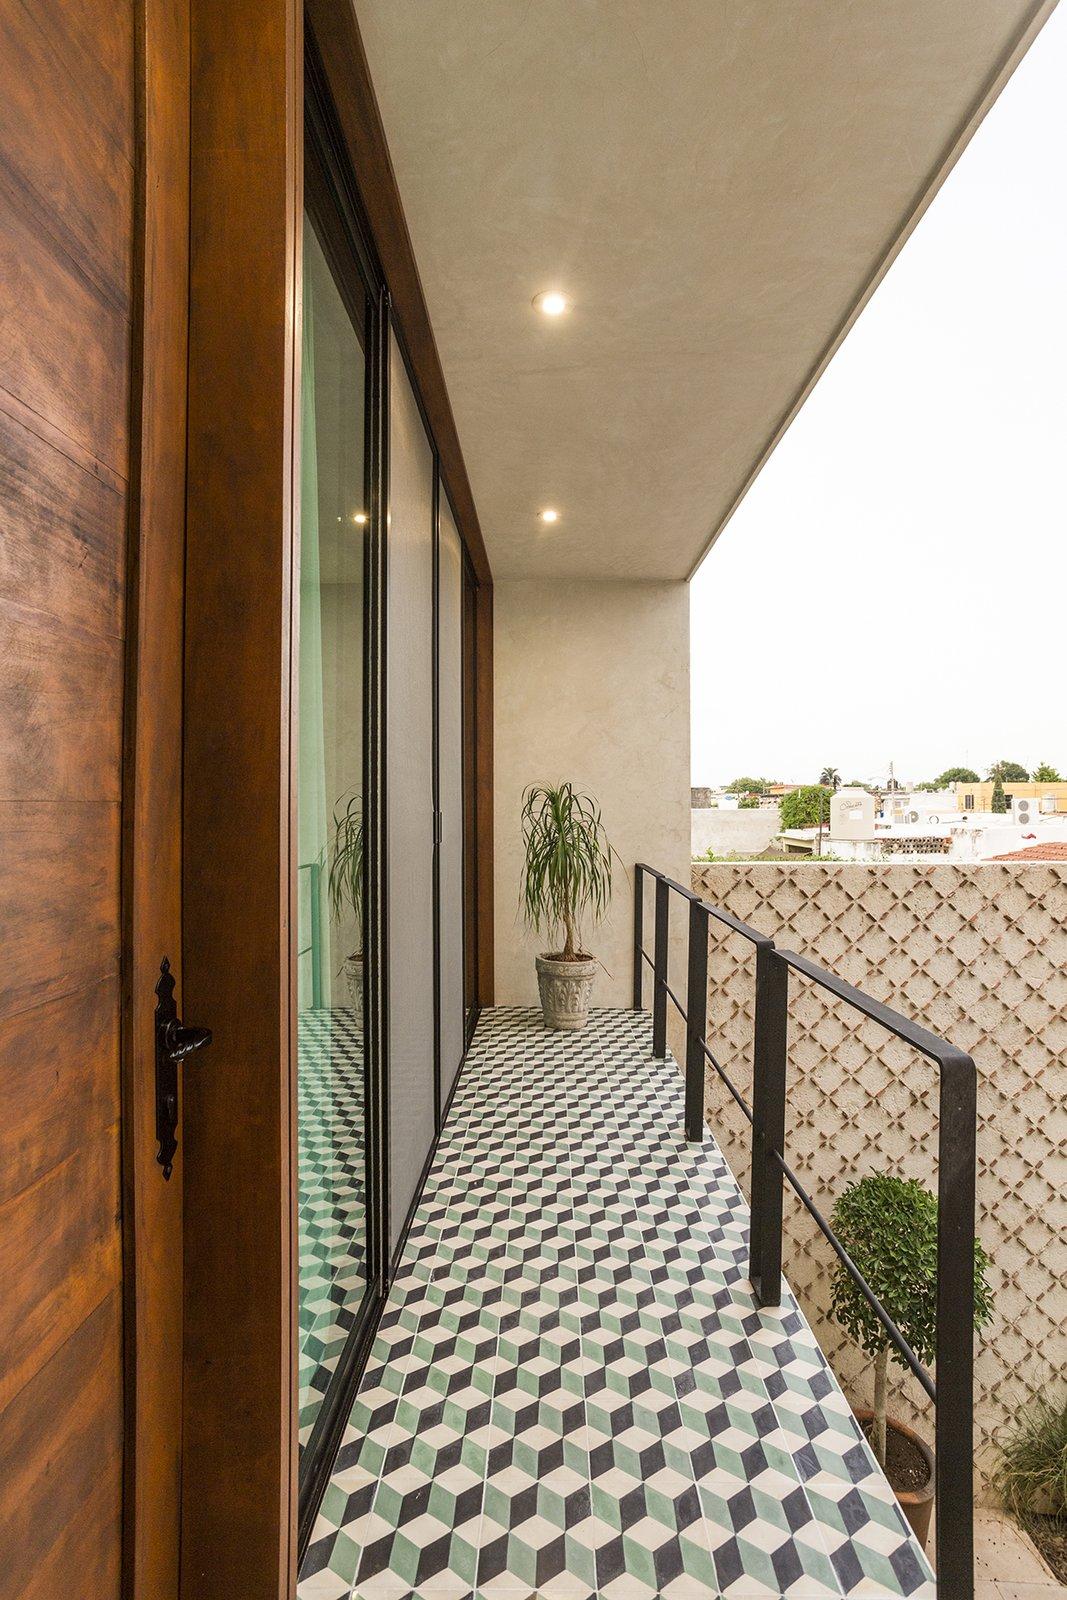 Outdoor, Tile Patio, Porch, Deck, and Metal Fences, Wall  Lemon Tree House by Taller Estilo Arquitectura S de R.L de C.V